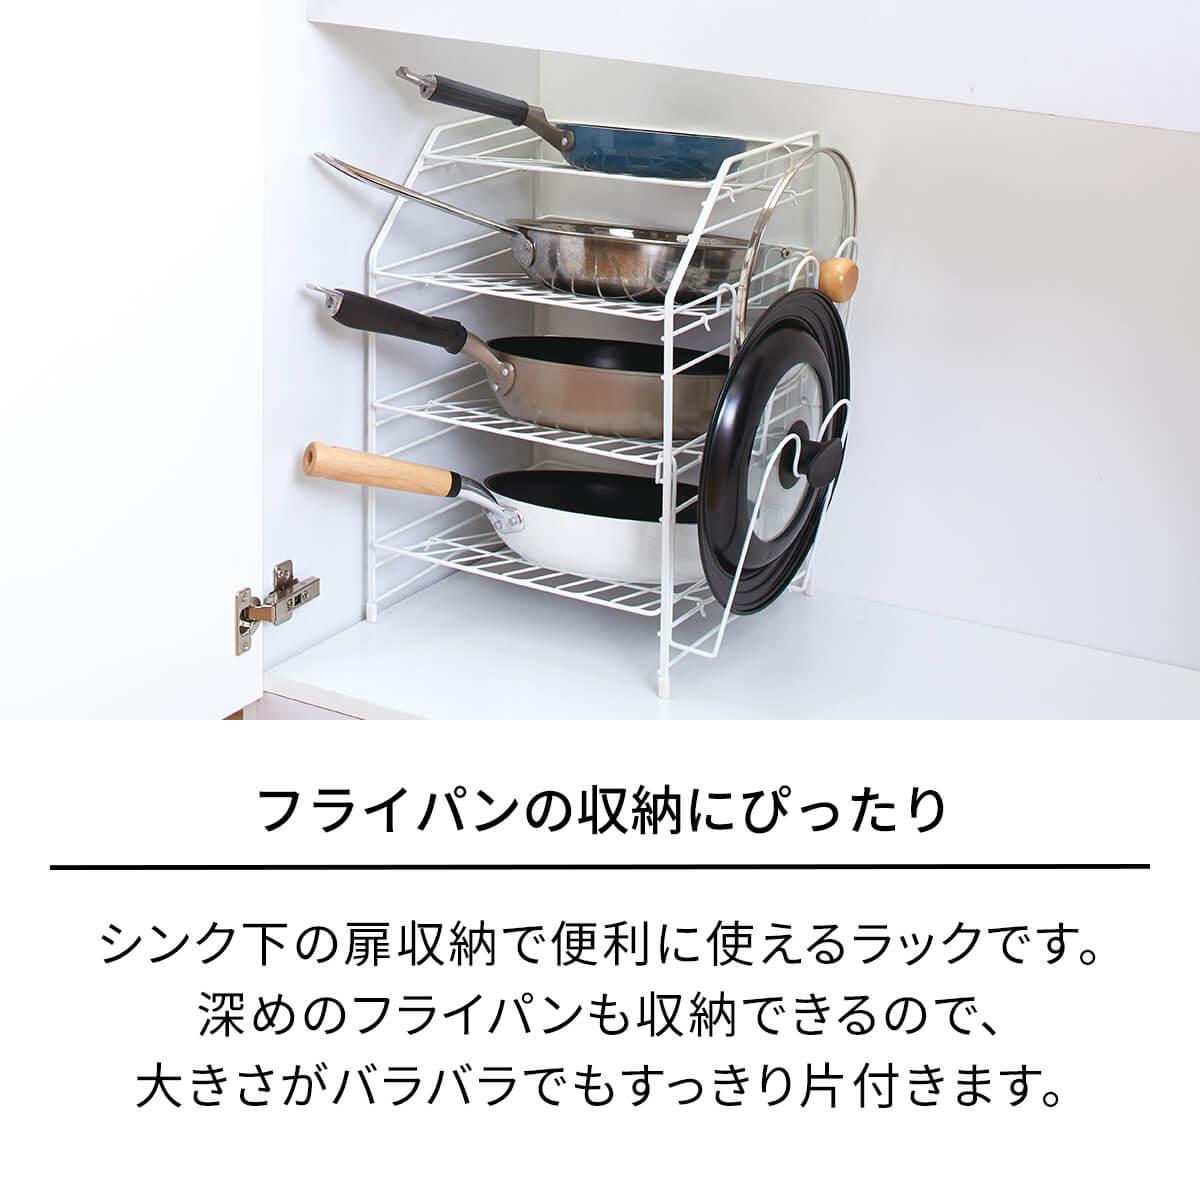 ファビエ シンク下フライパンラック4段 すっきり整頓シリーズ